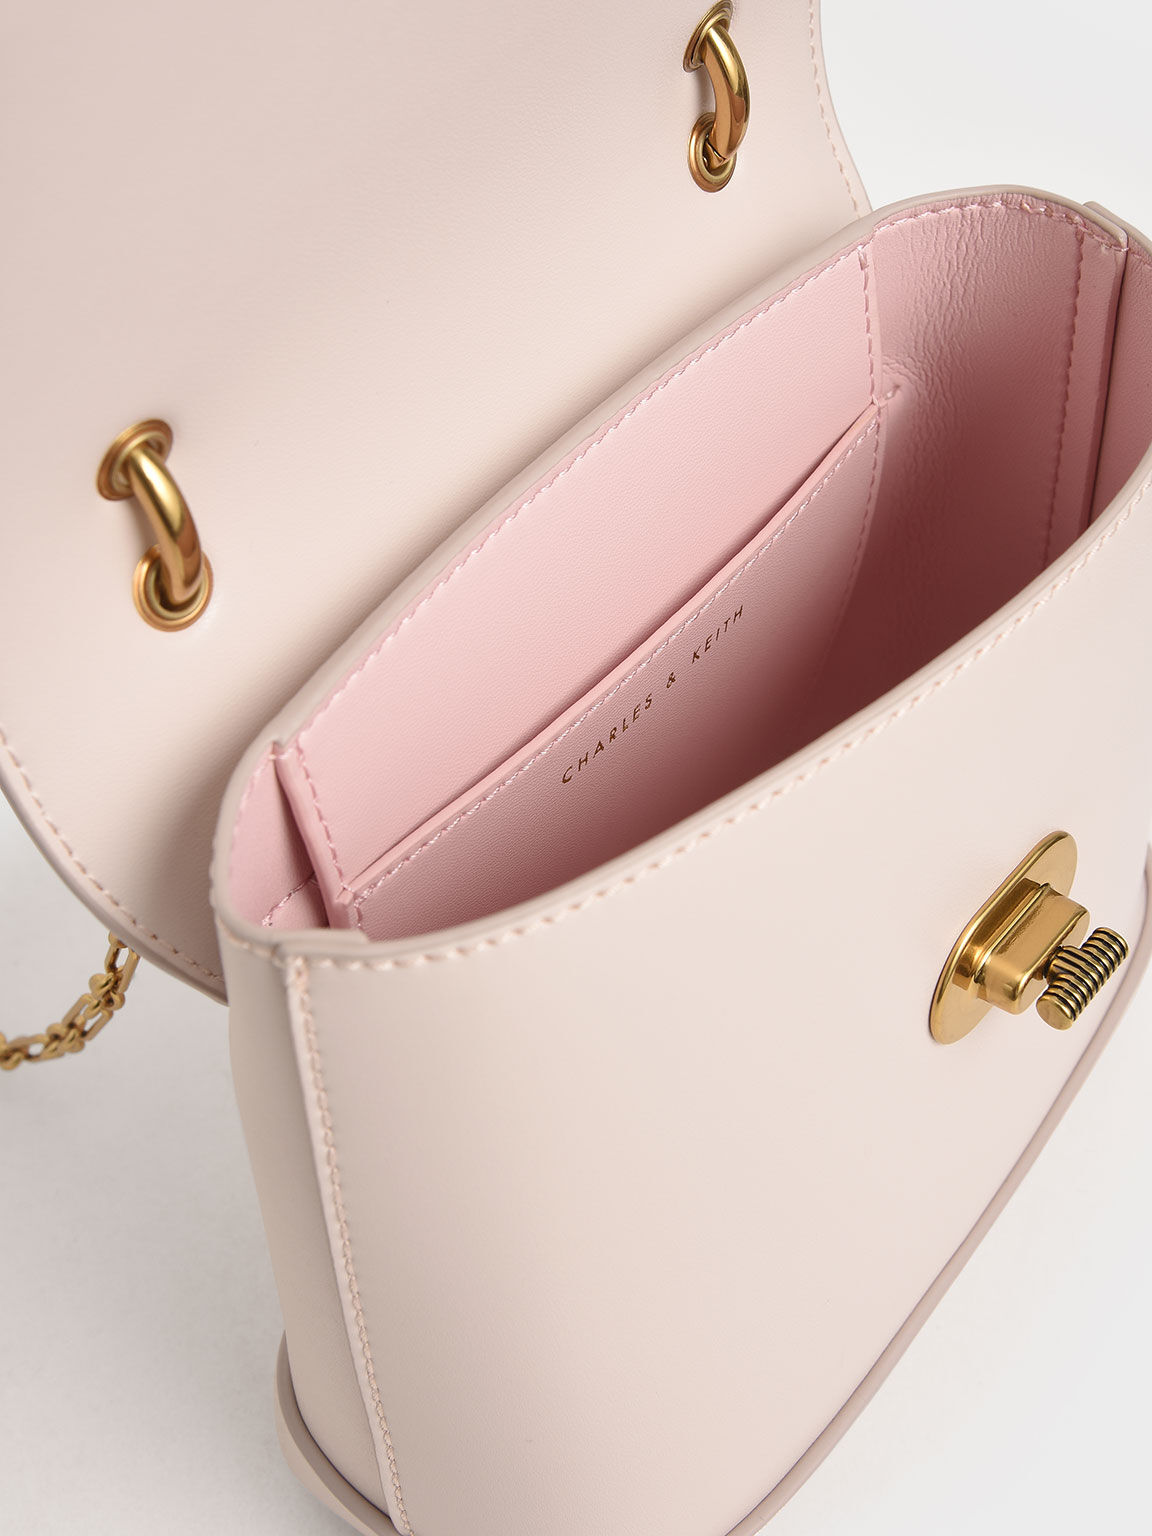 Stone-Embellished Top Handle Bag, Pink, hi-res